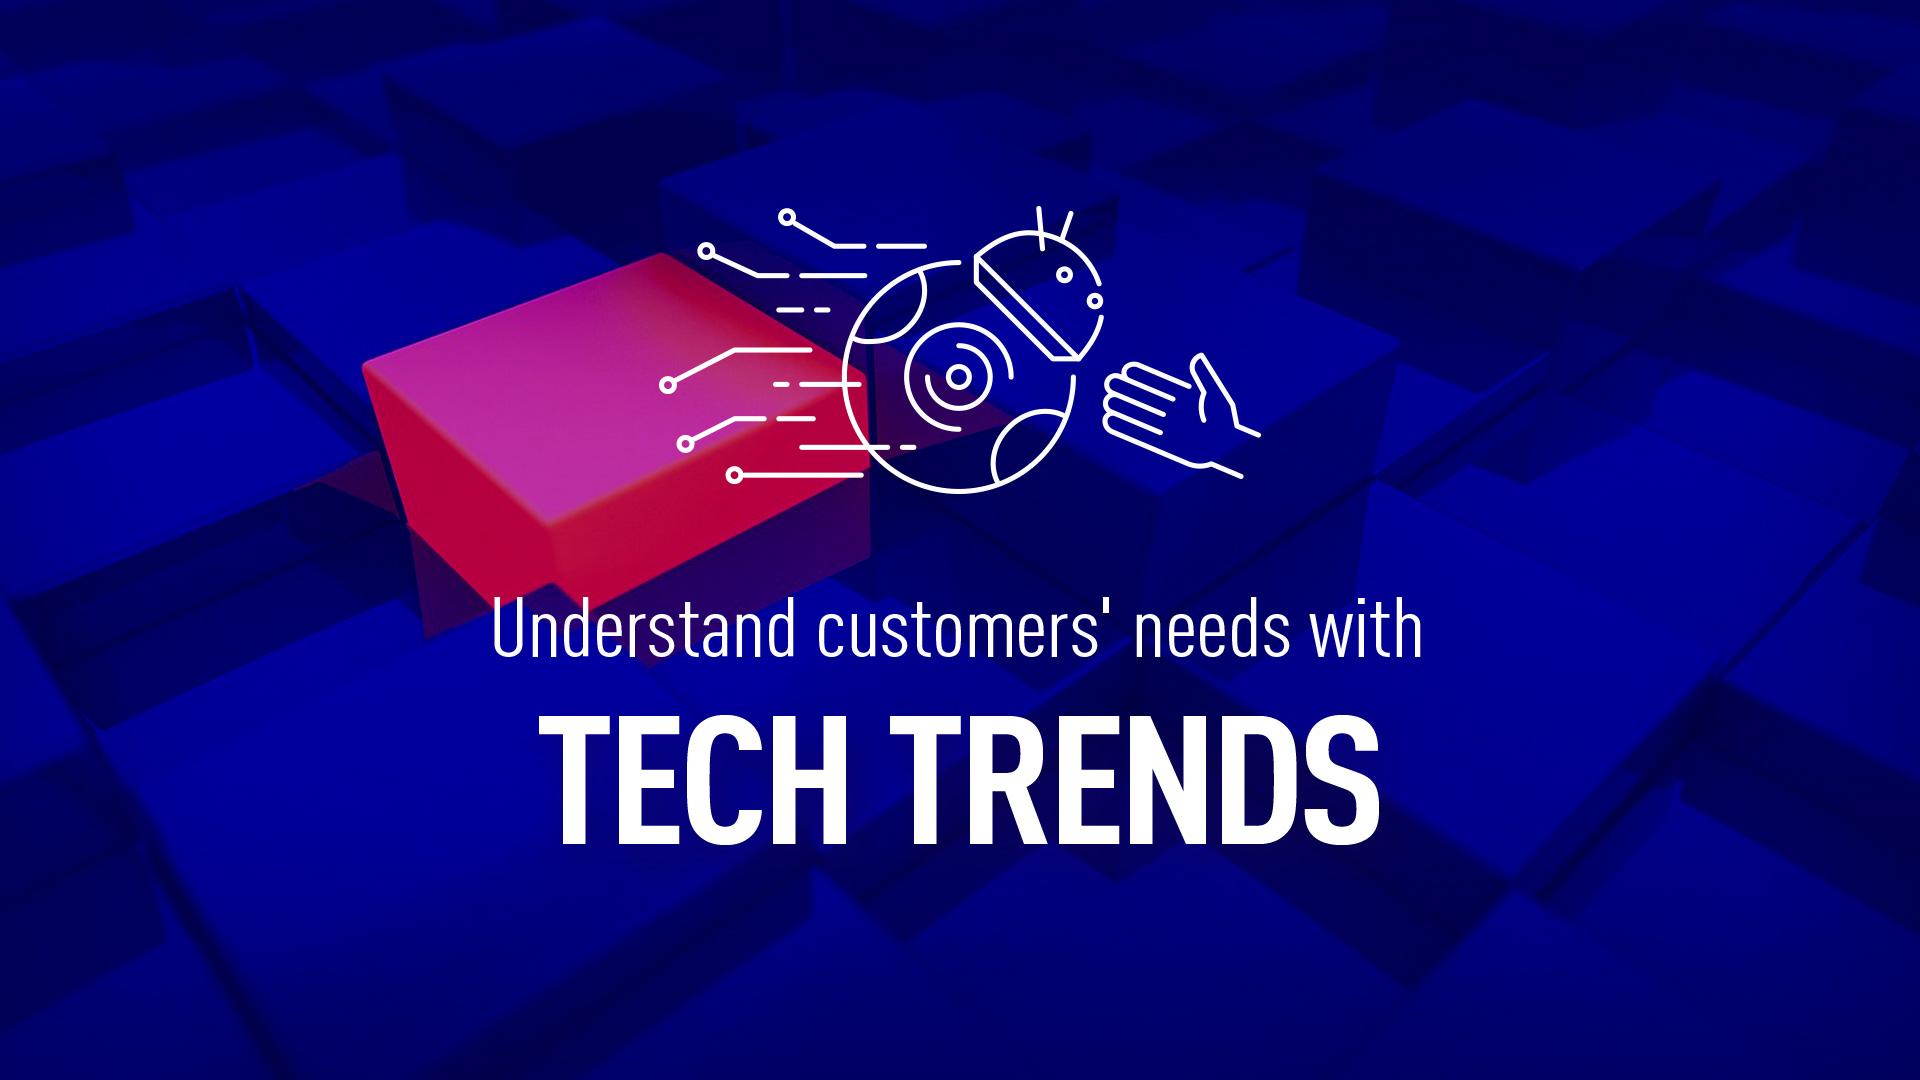 Marketing tech trends